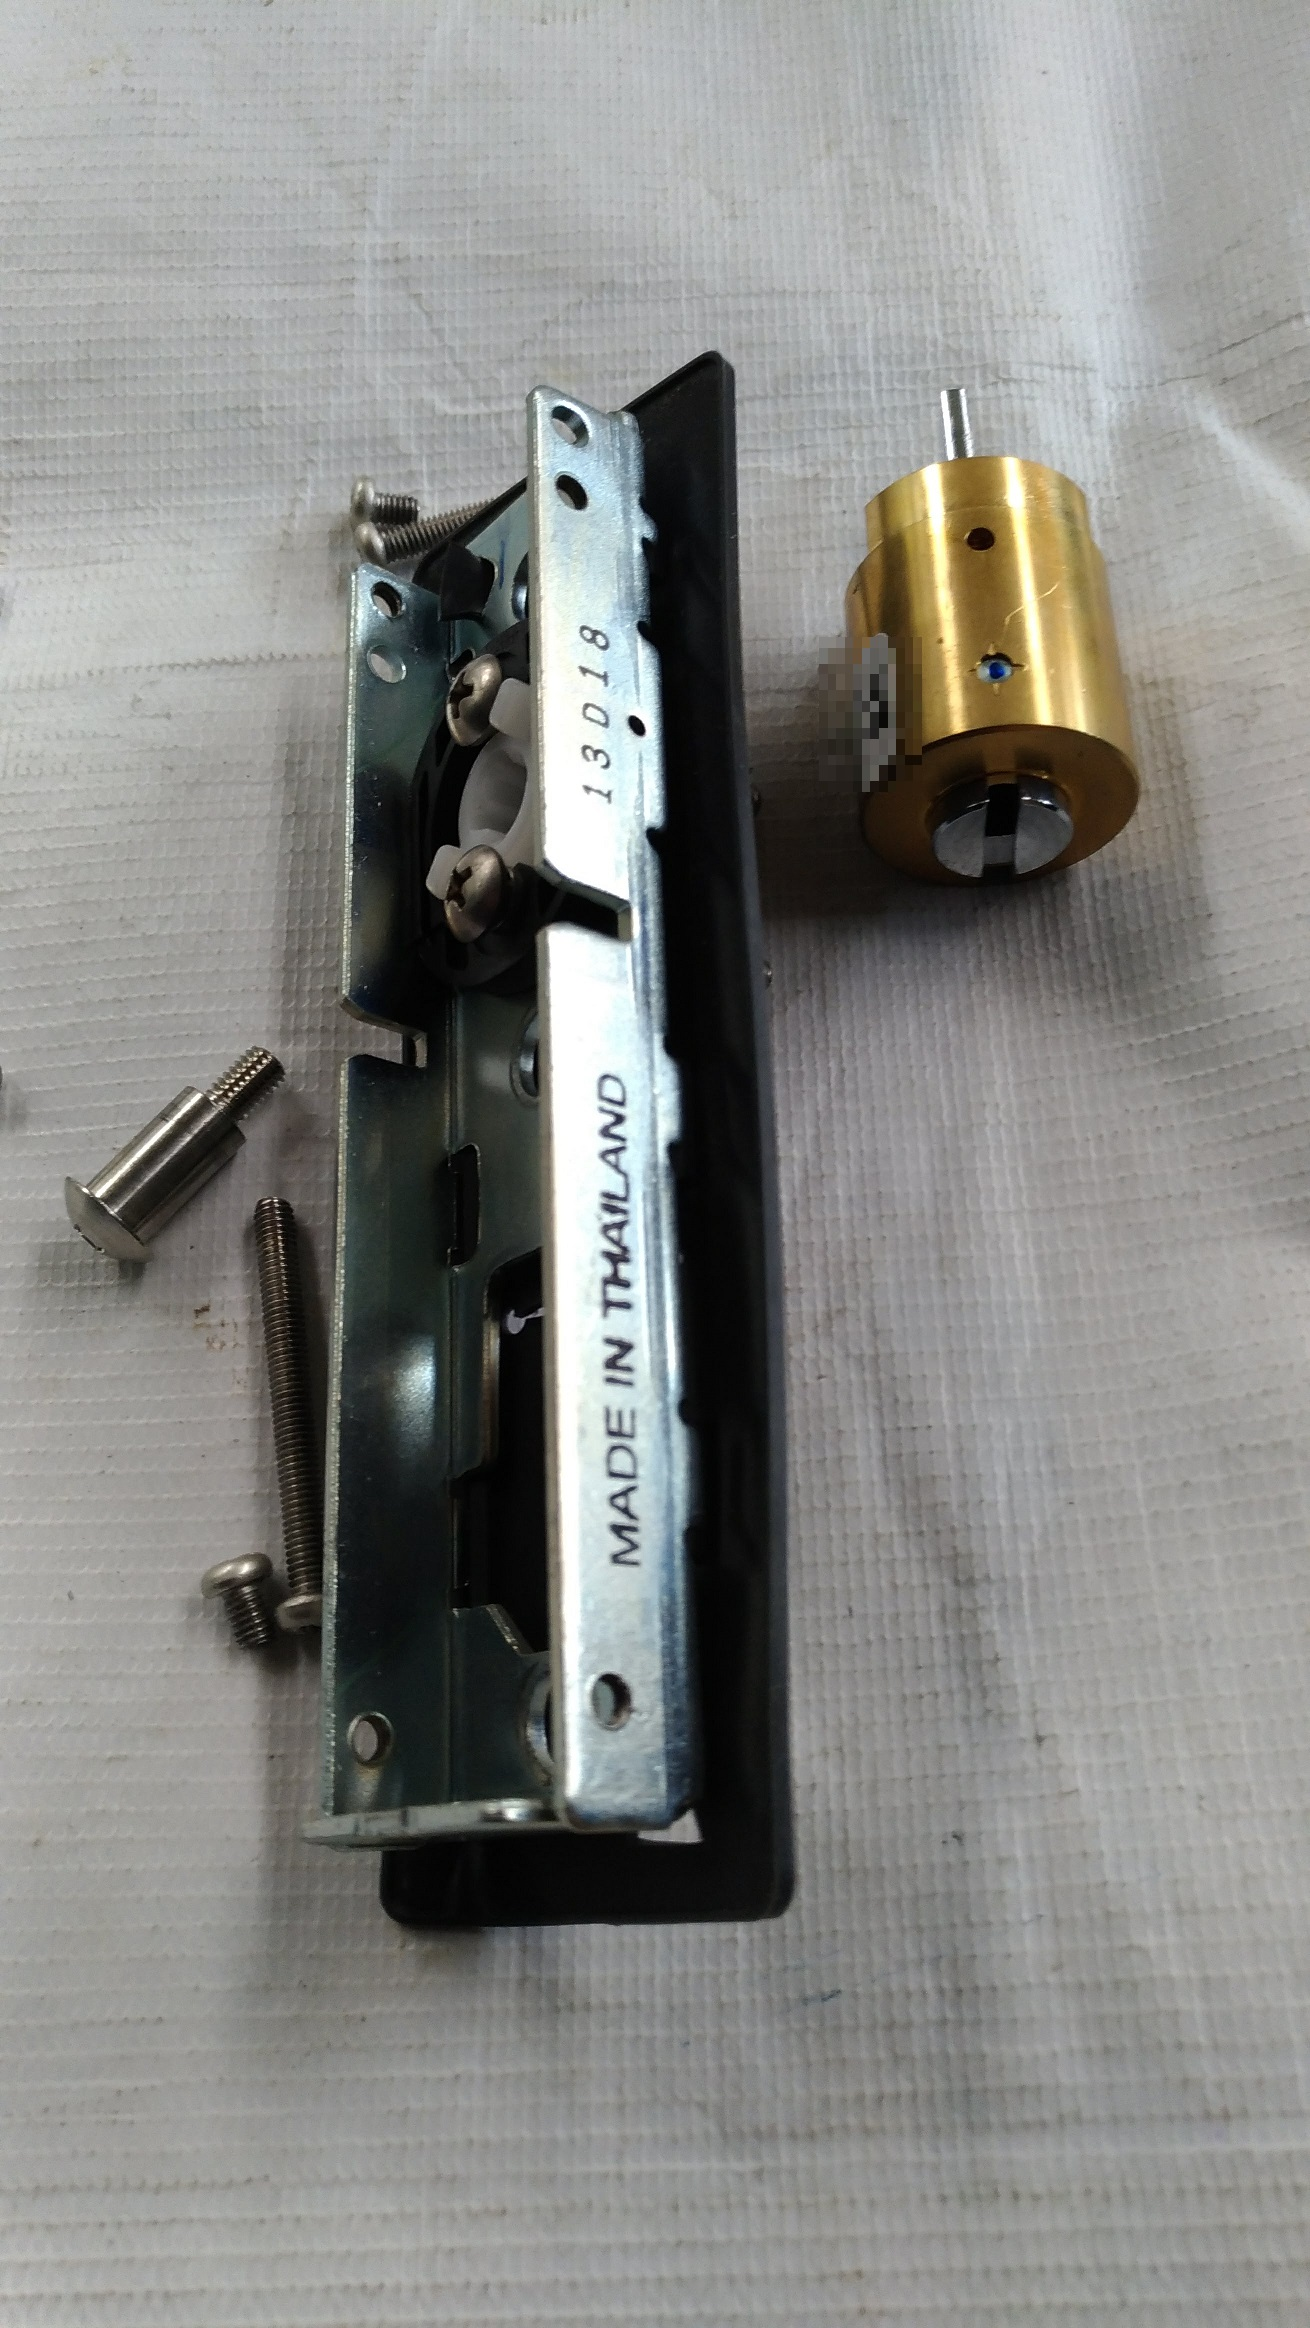 非常解錠用キーシリンダーはこのシリーズ専用品。